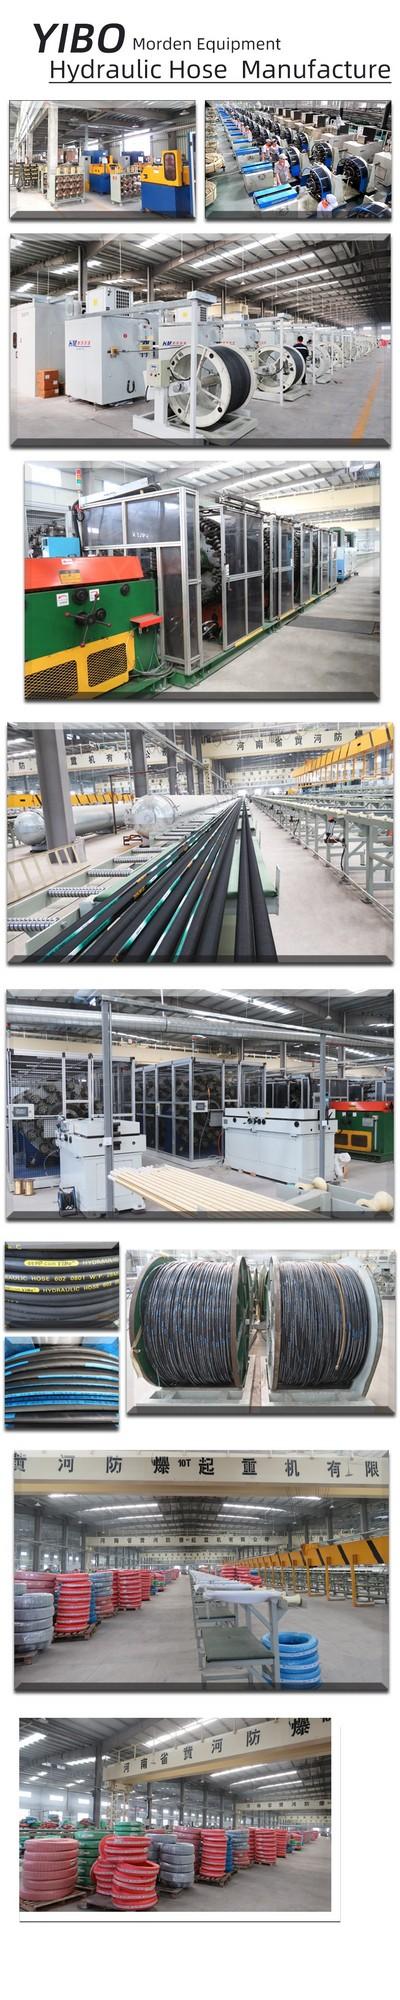 sae 100r17 21mpa wire braid hydraulic ruber hose 5